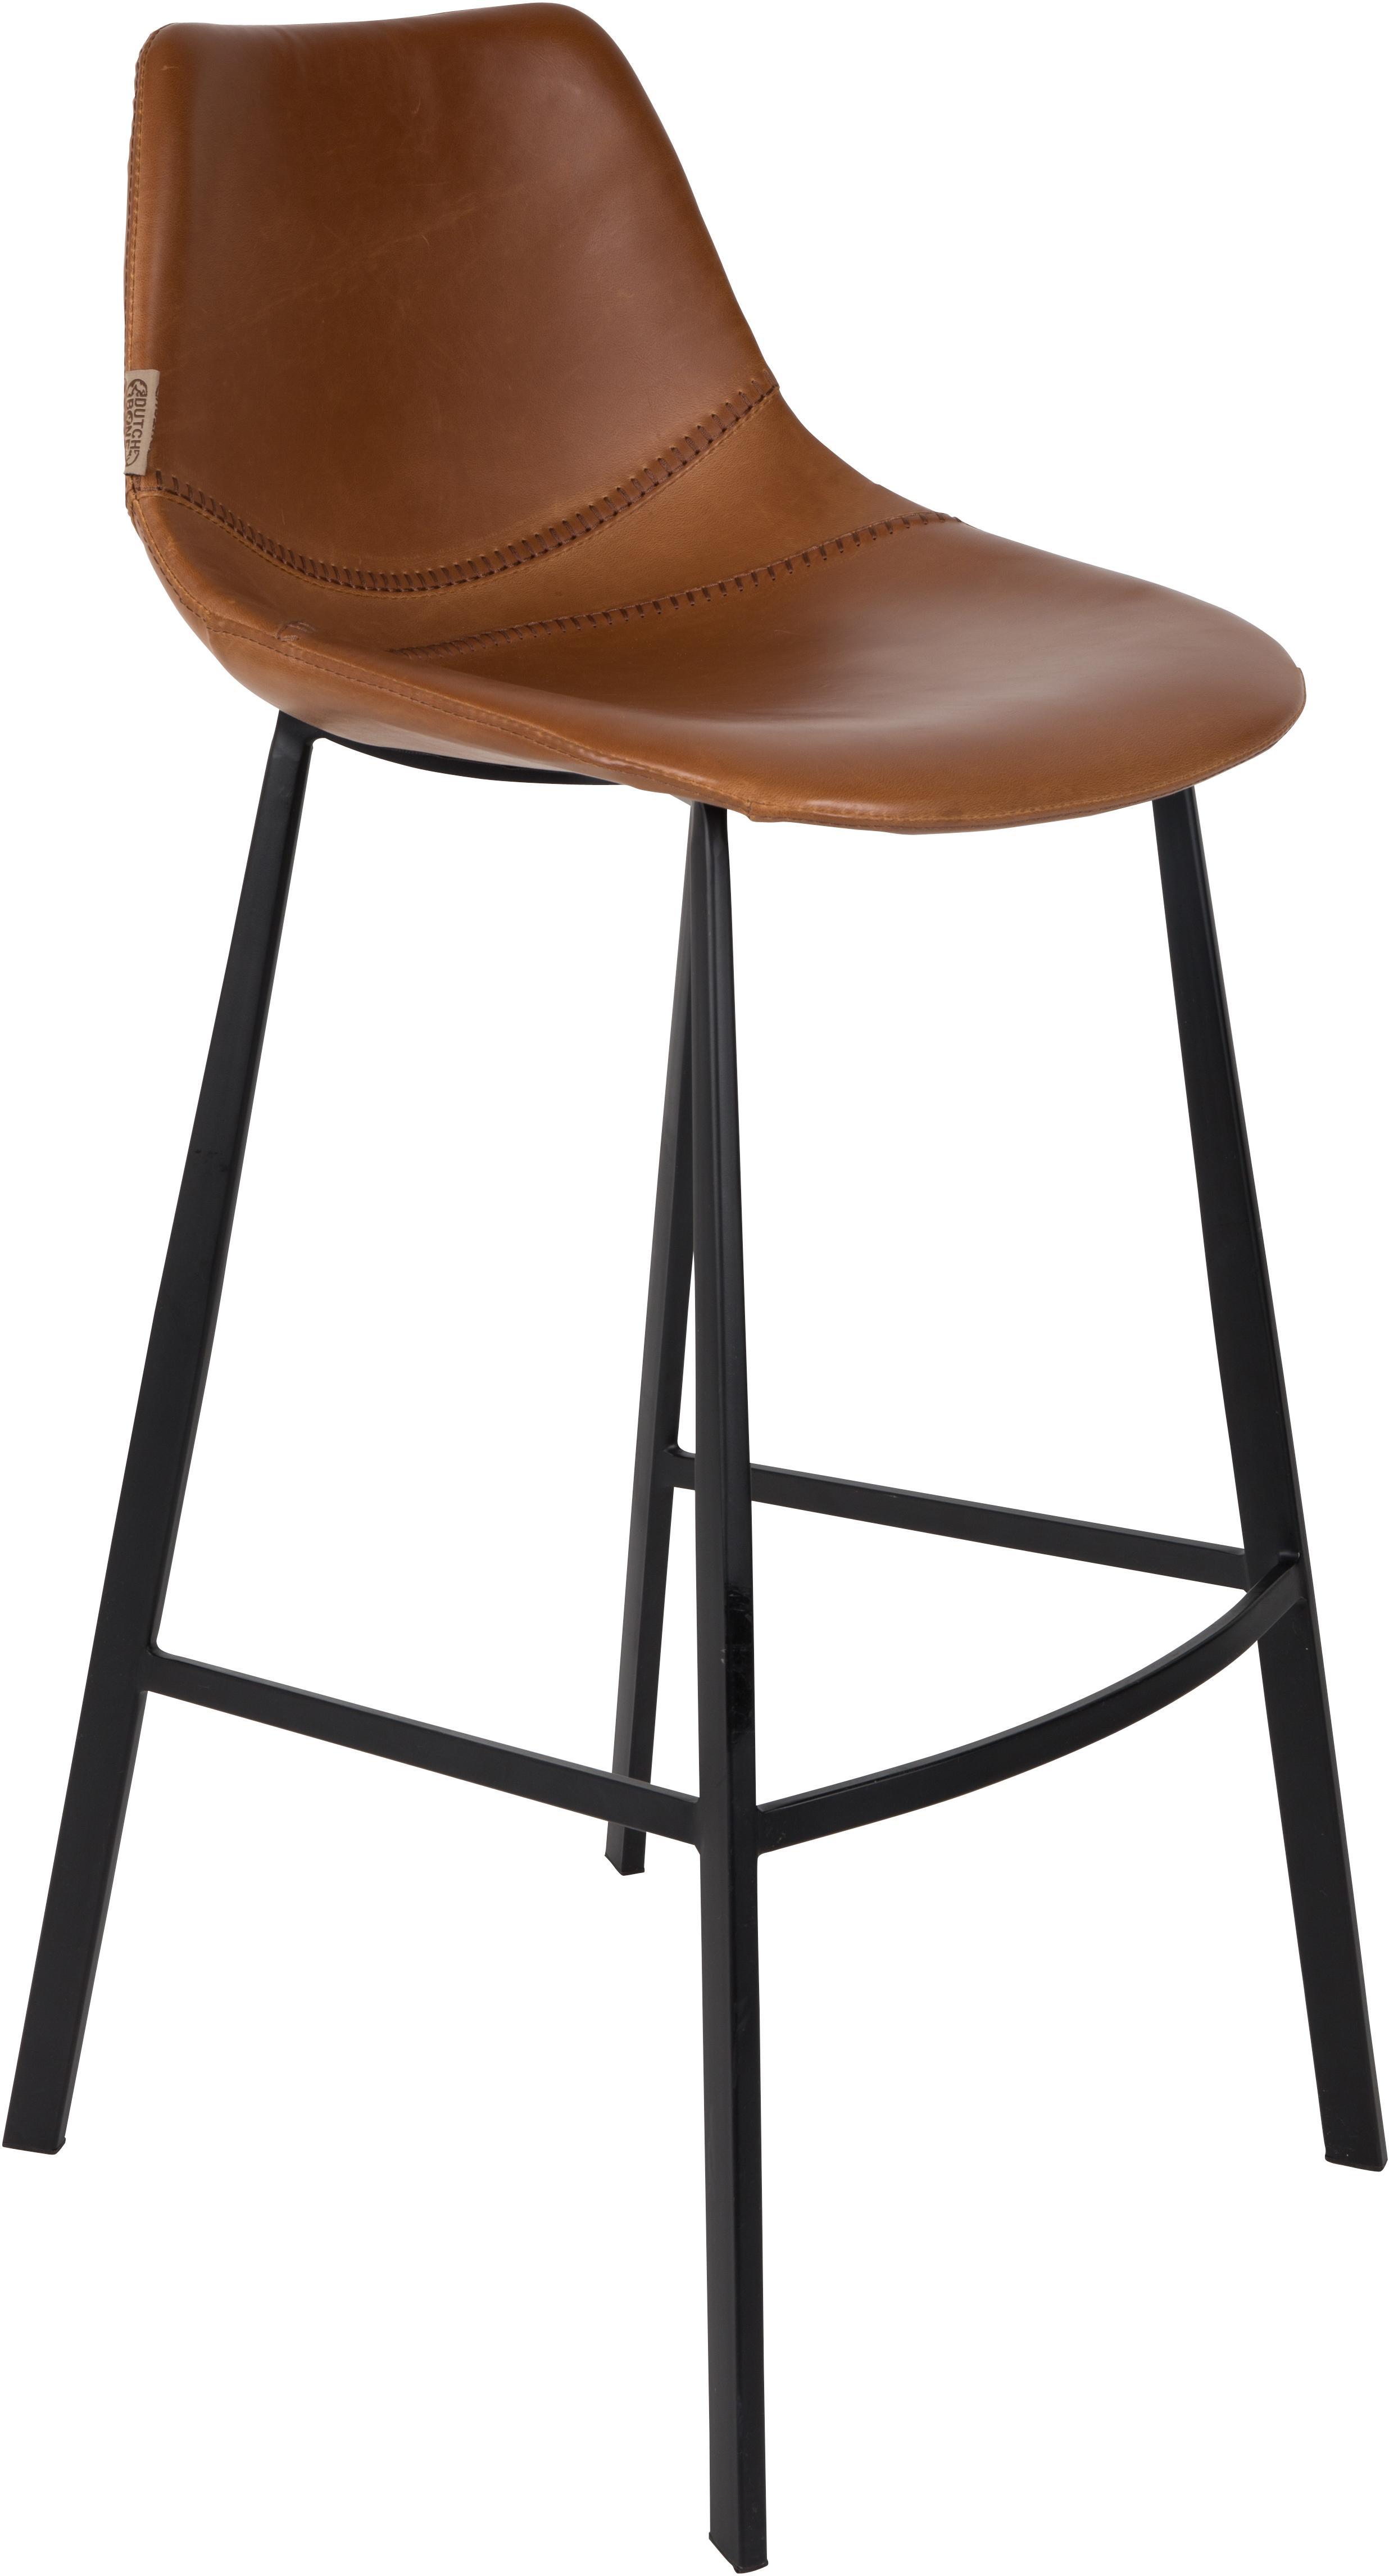 Krzesło barowe ze sztucznej skóry  Franky, Tapicerka: sztuczna skóra (poliureta, Nogi: stal malowana proszkowo, Nogi: czarny Tapicerka: brązowy, 50 x 106 cm